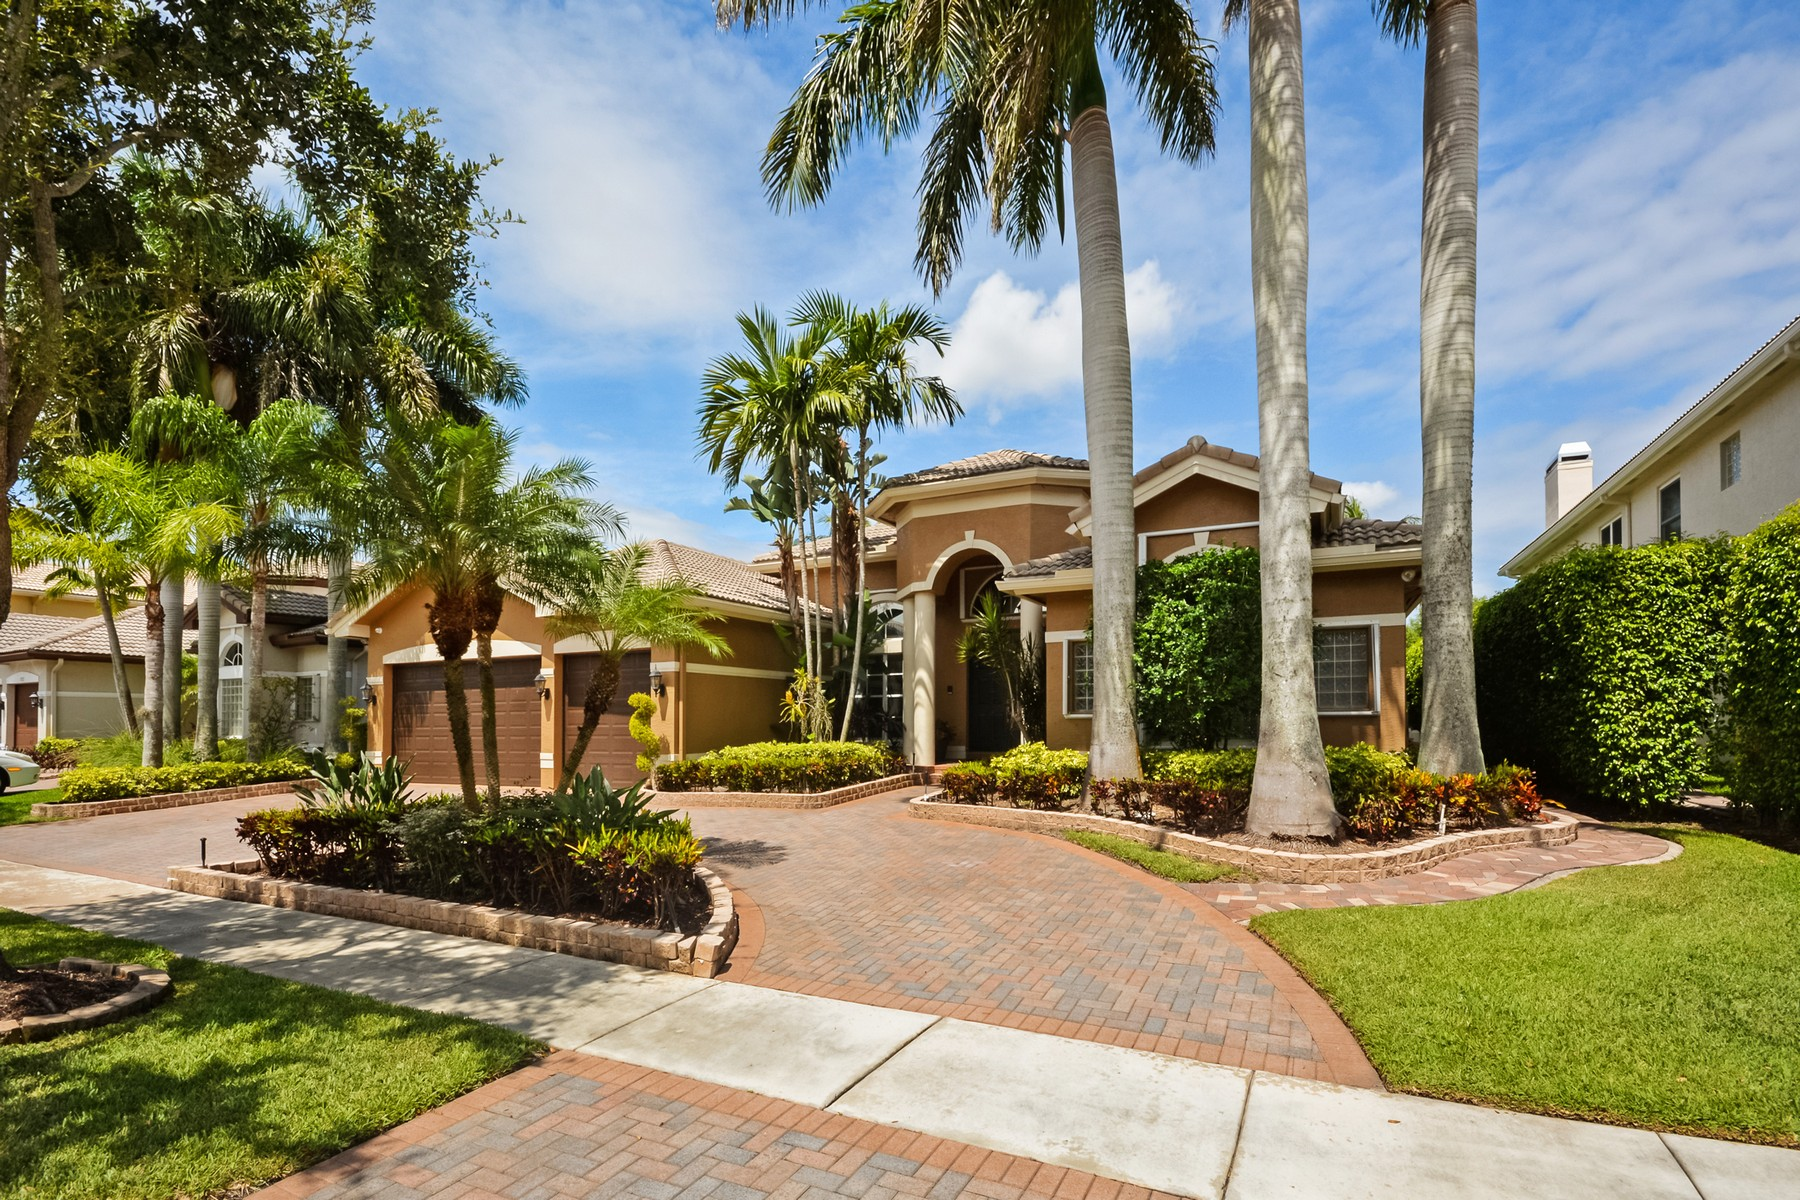 Maison unifamiliale pour l Vente à 19213 Natures View Ct , Boca Raton, FL 33498 19213 Natures View Ct Boca Raton, Florida 33498 États-Unis